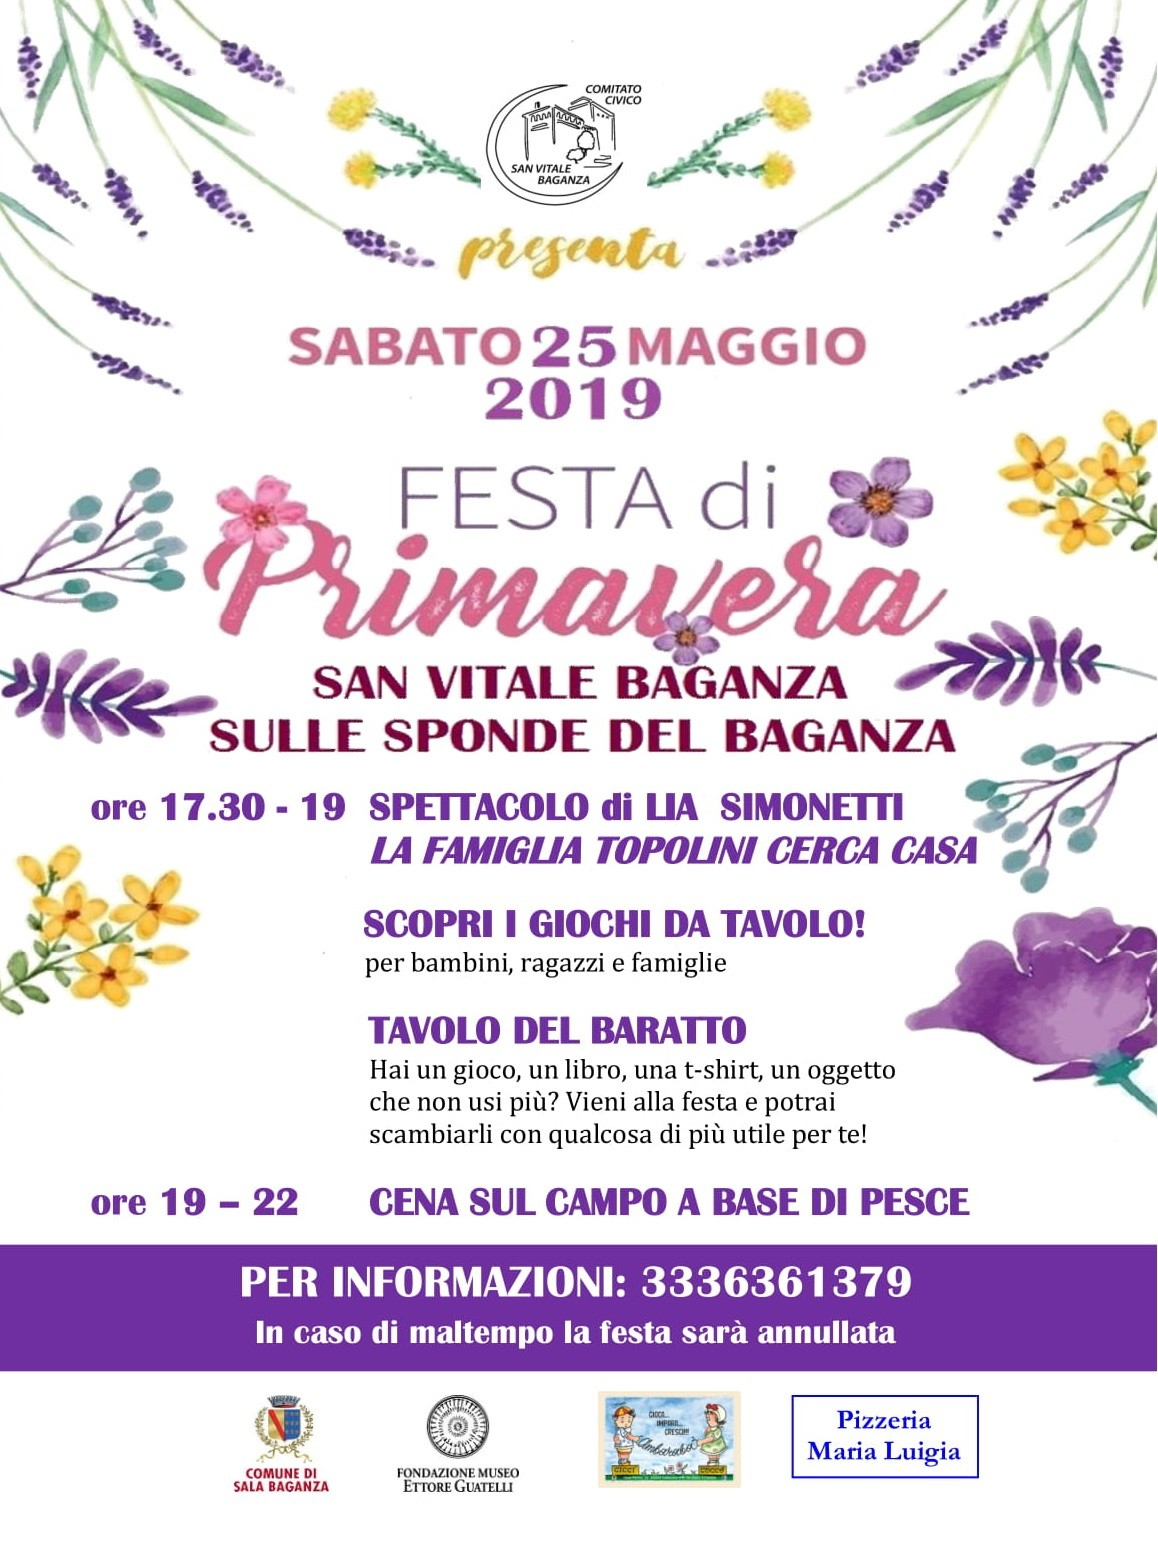 Festa di Primavera a San Vitale Baganza